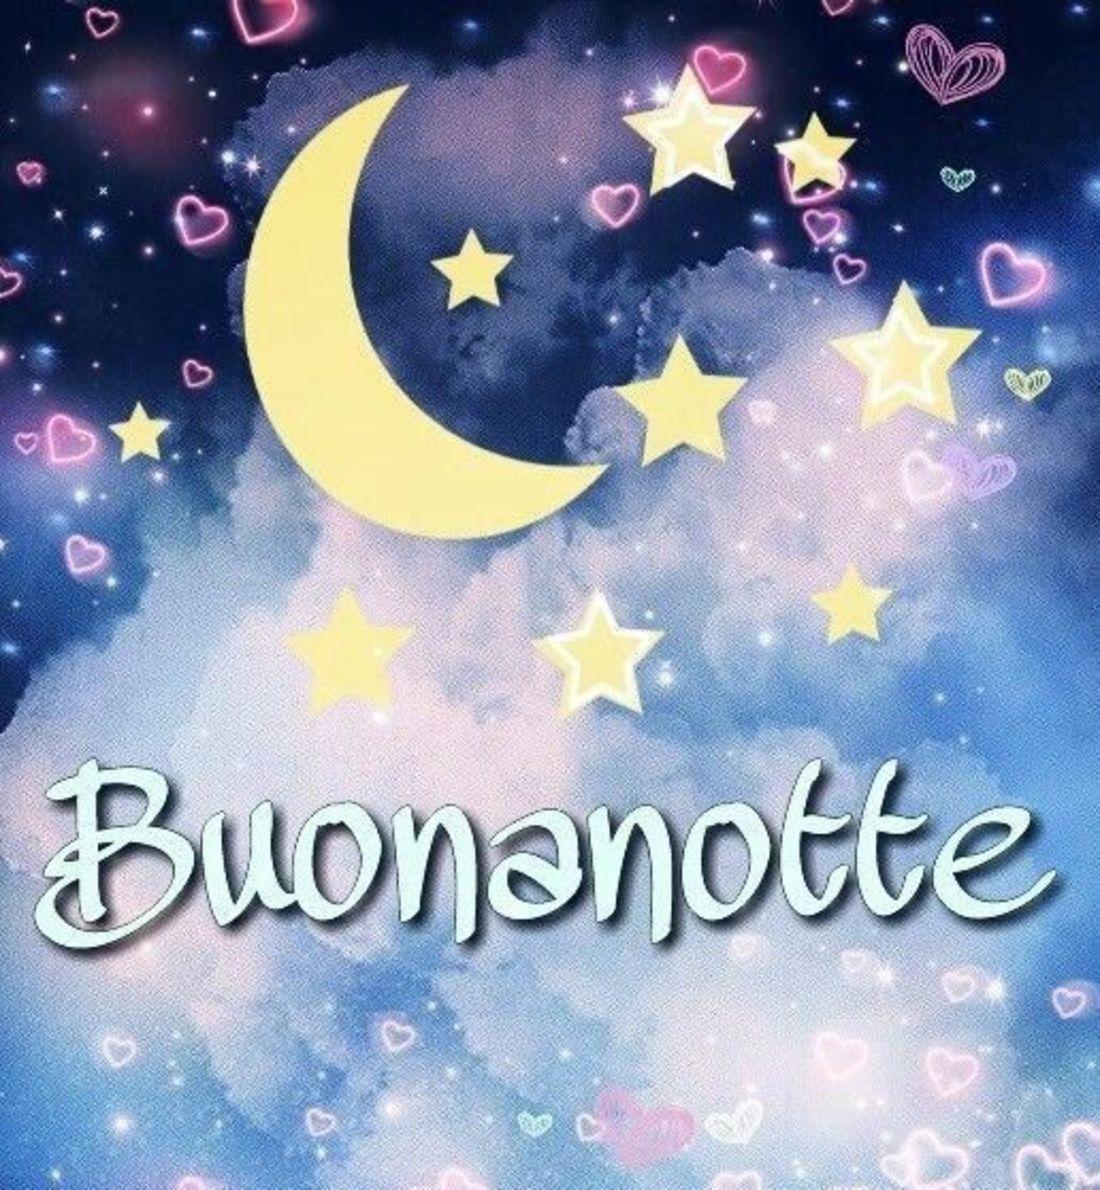 Foto Buonanotte Amicizia Archives Pagina 3 Di 4 Immaginiwhatsappit